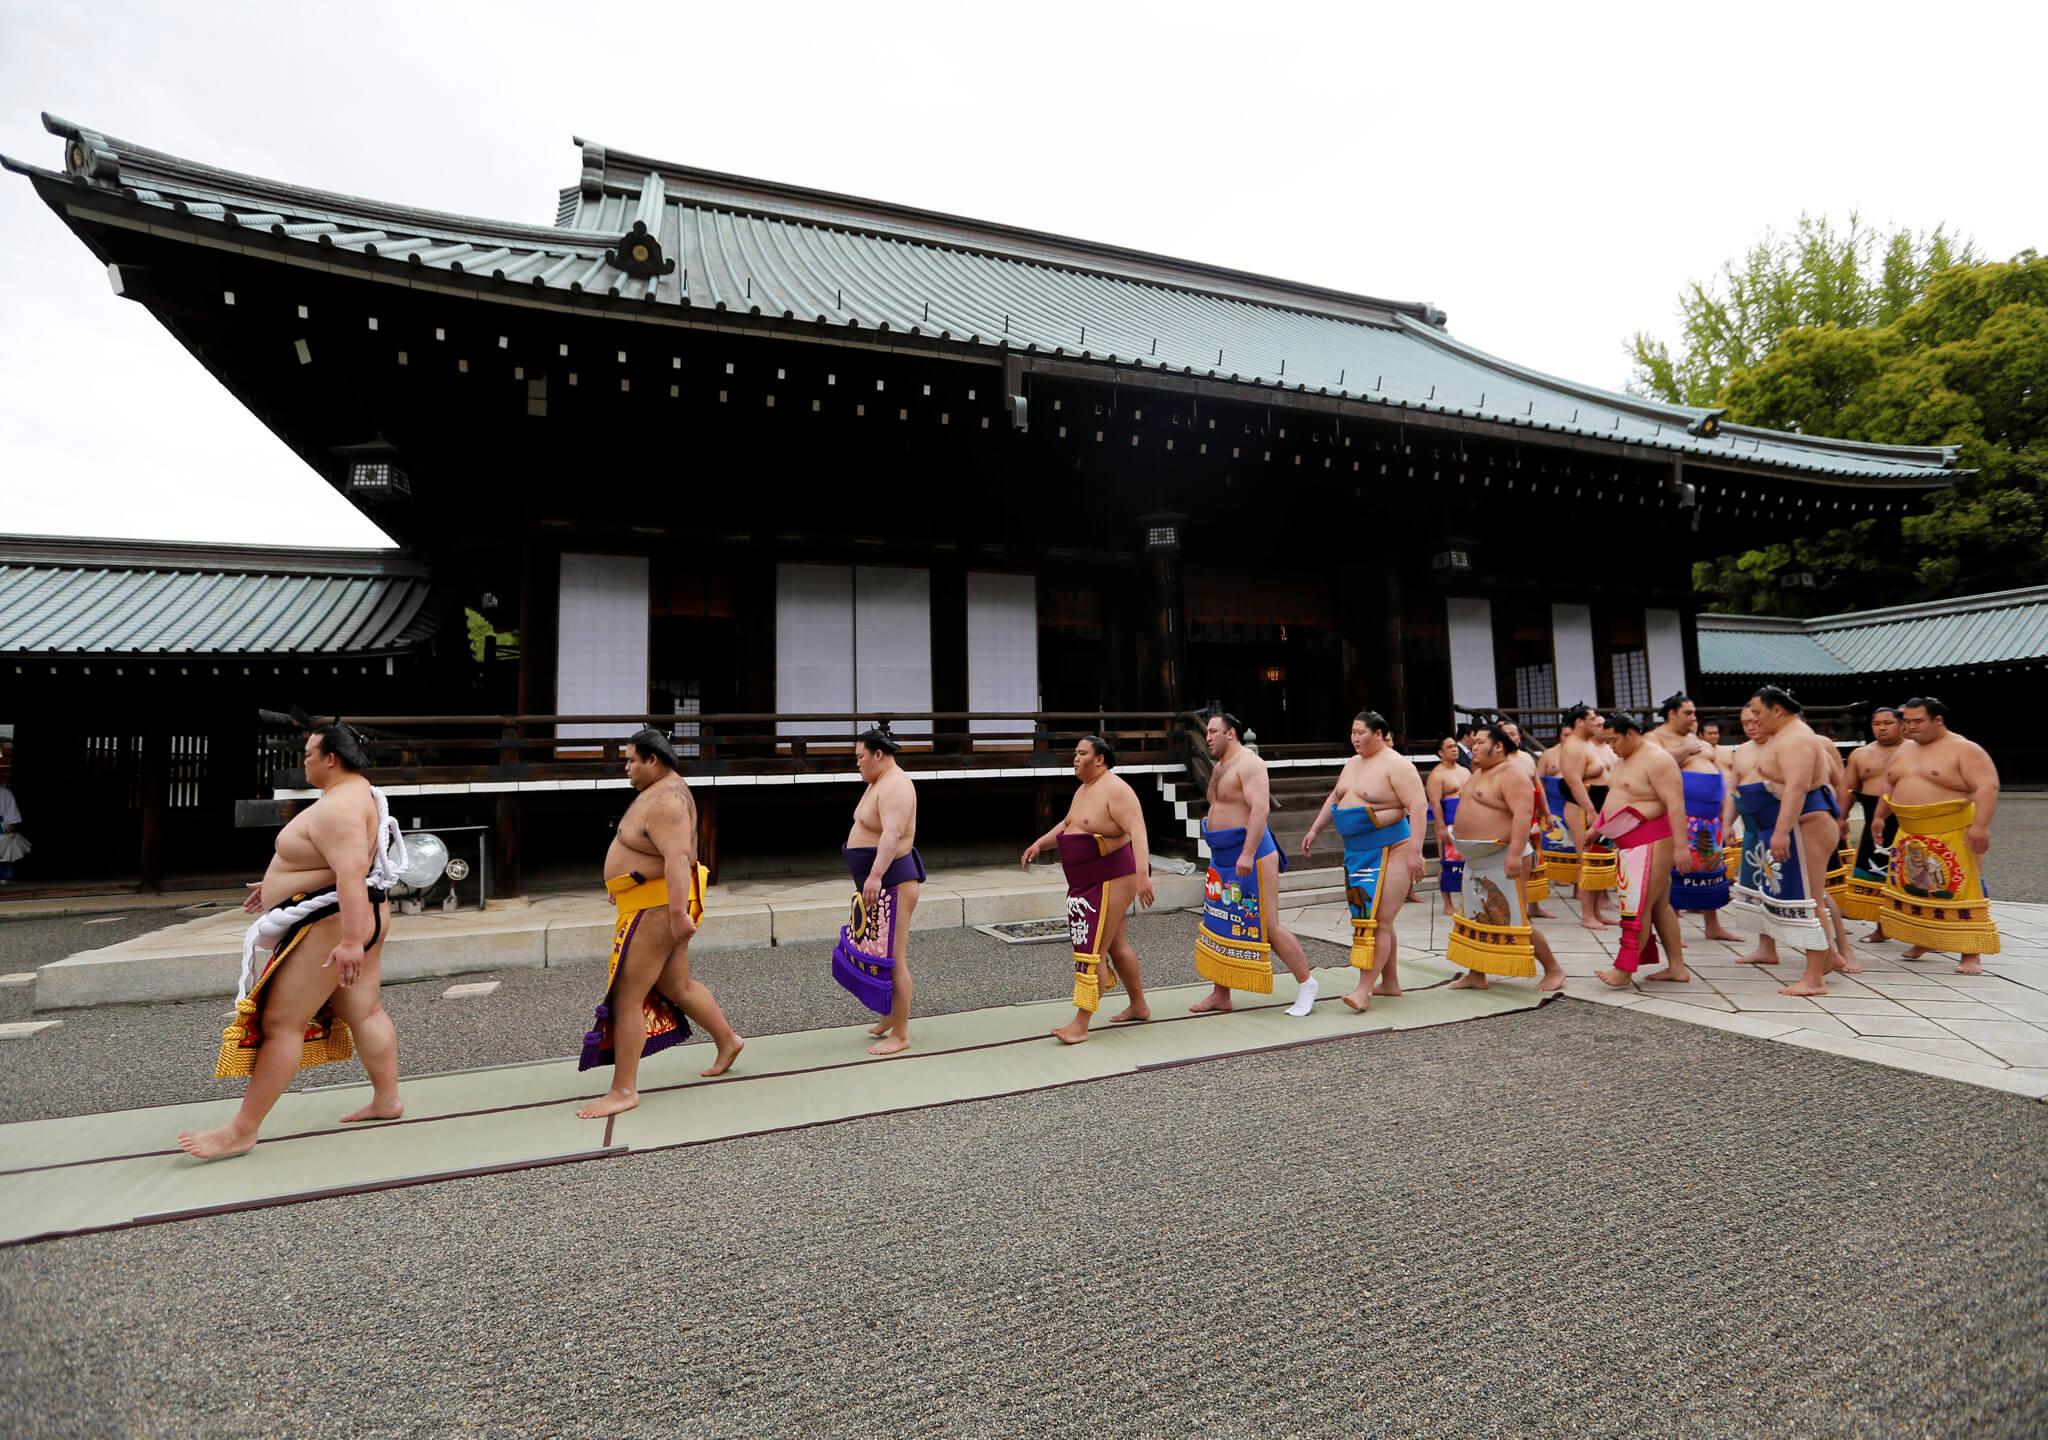 Un torneo de sumo muy tradicional